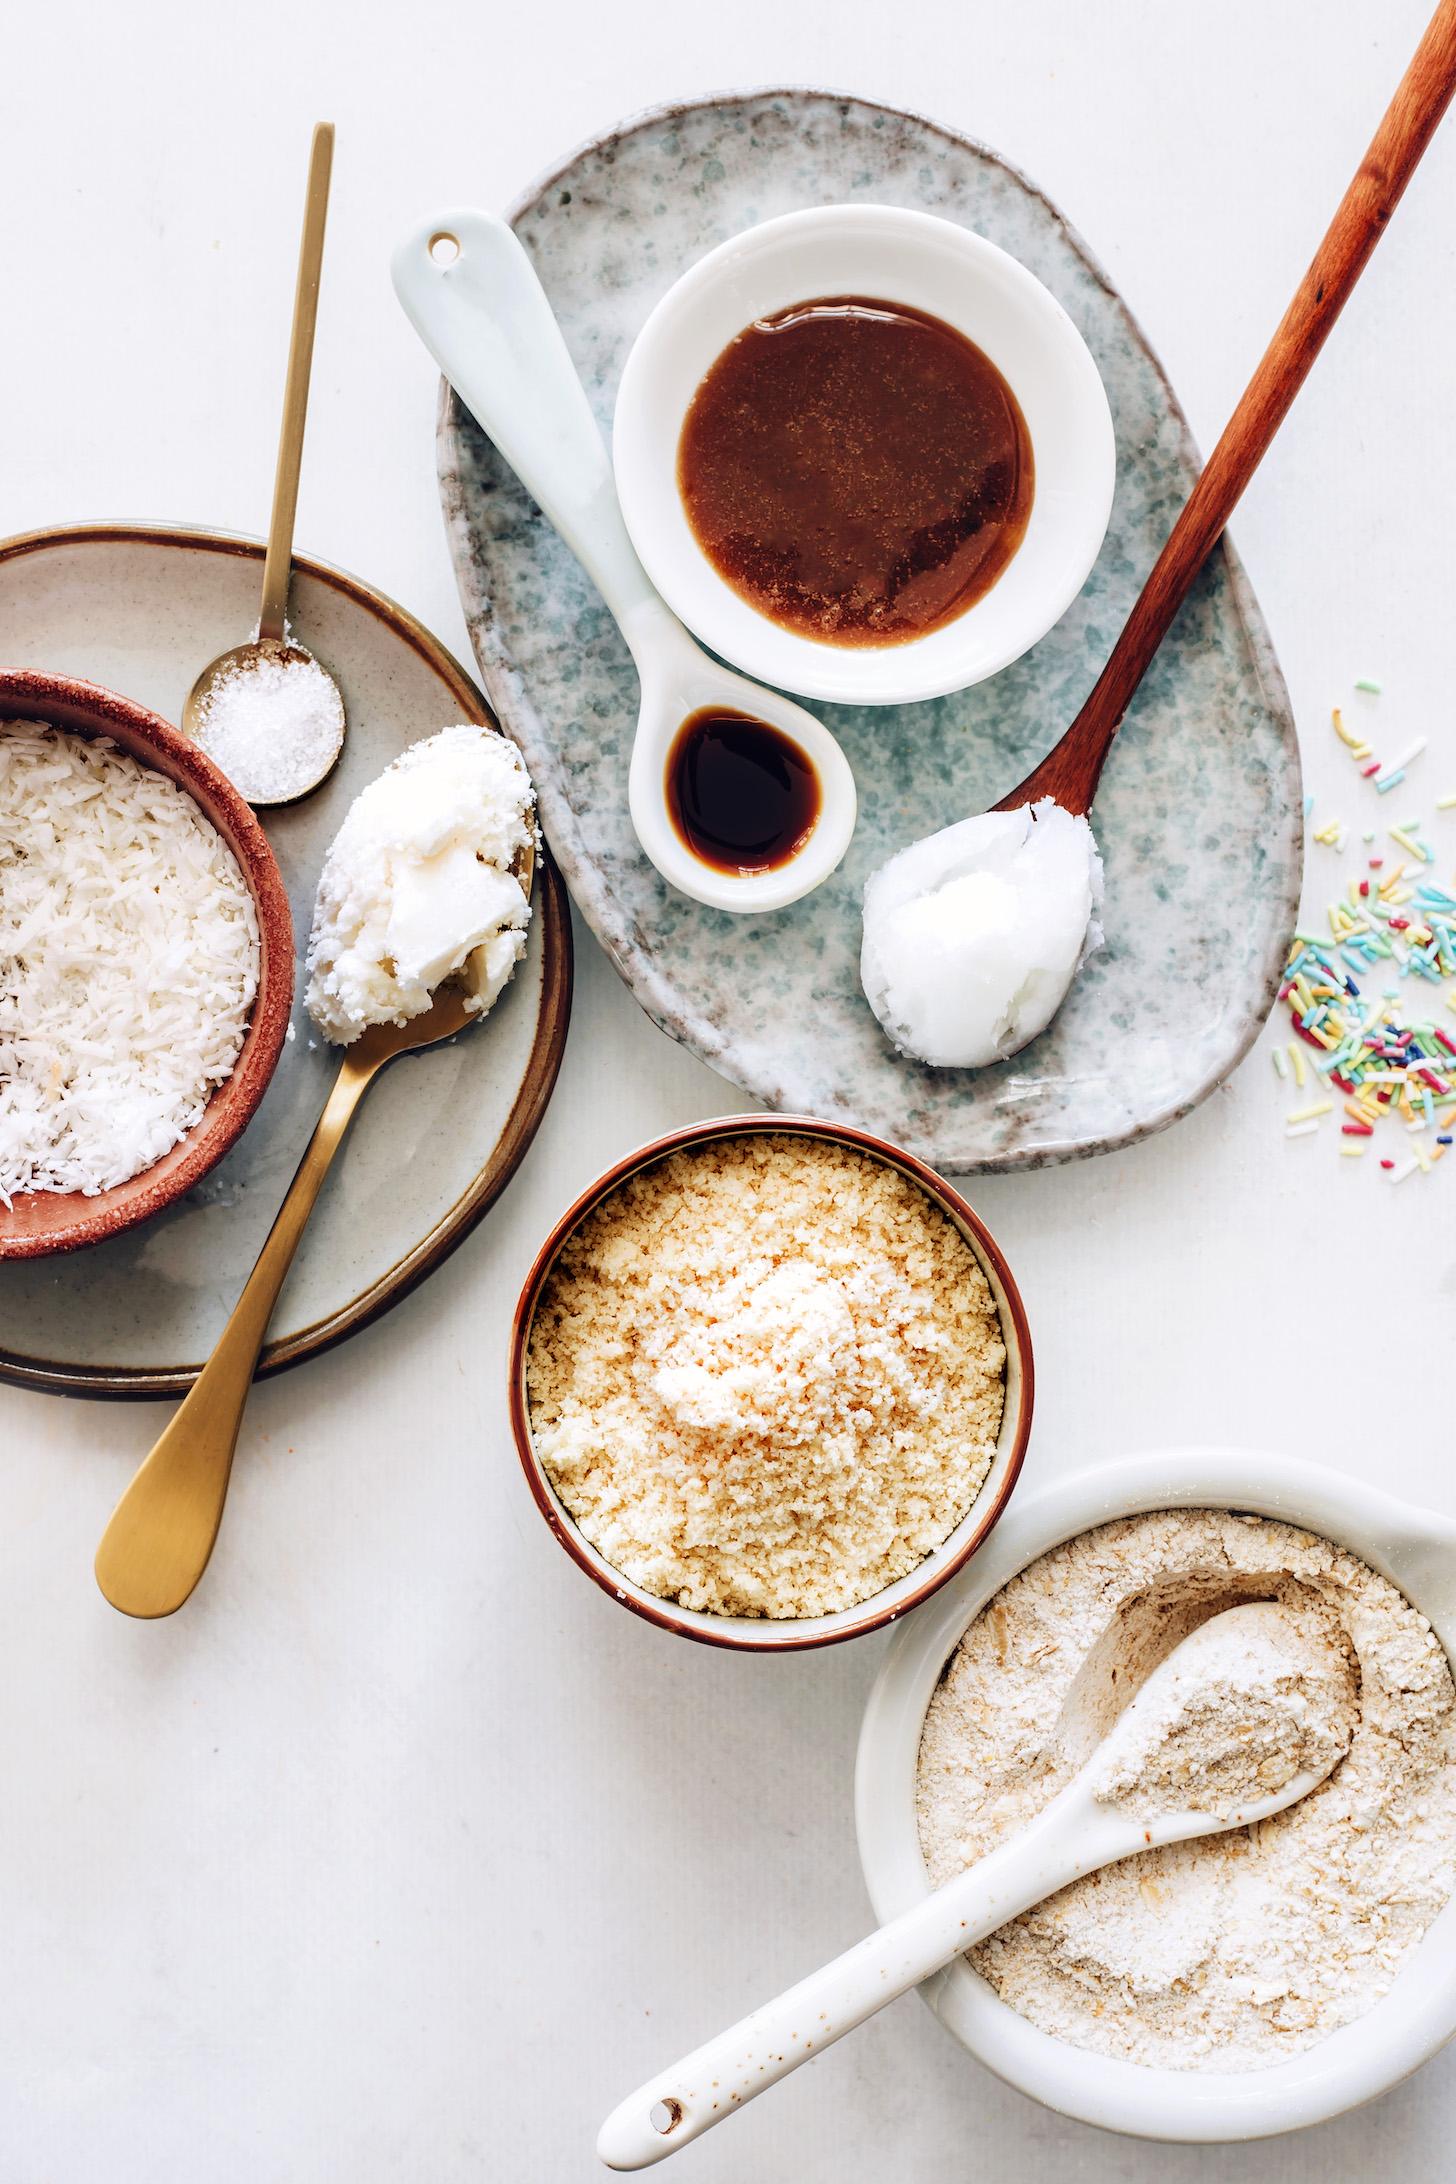 Oat flour, almond flour, sea salt, coconut oil, maple syrup, vanilla, coconut butter, coconut oil, shredded coconut, and sprinkles